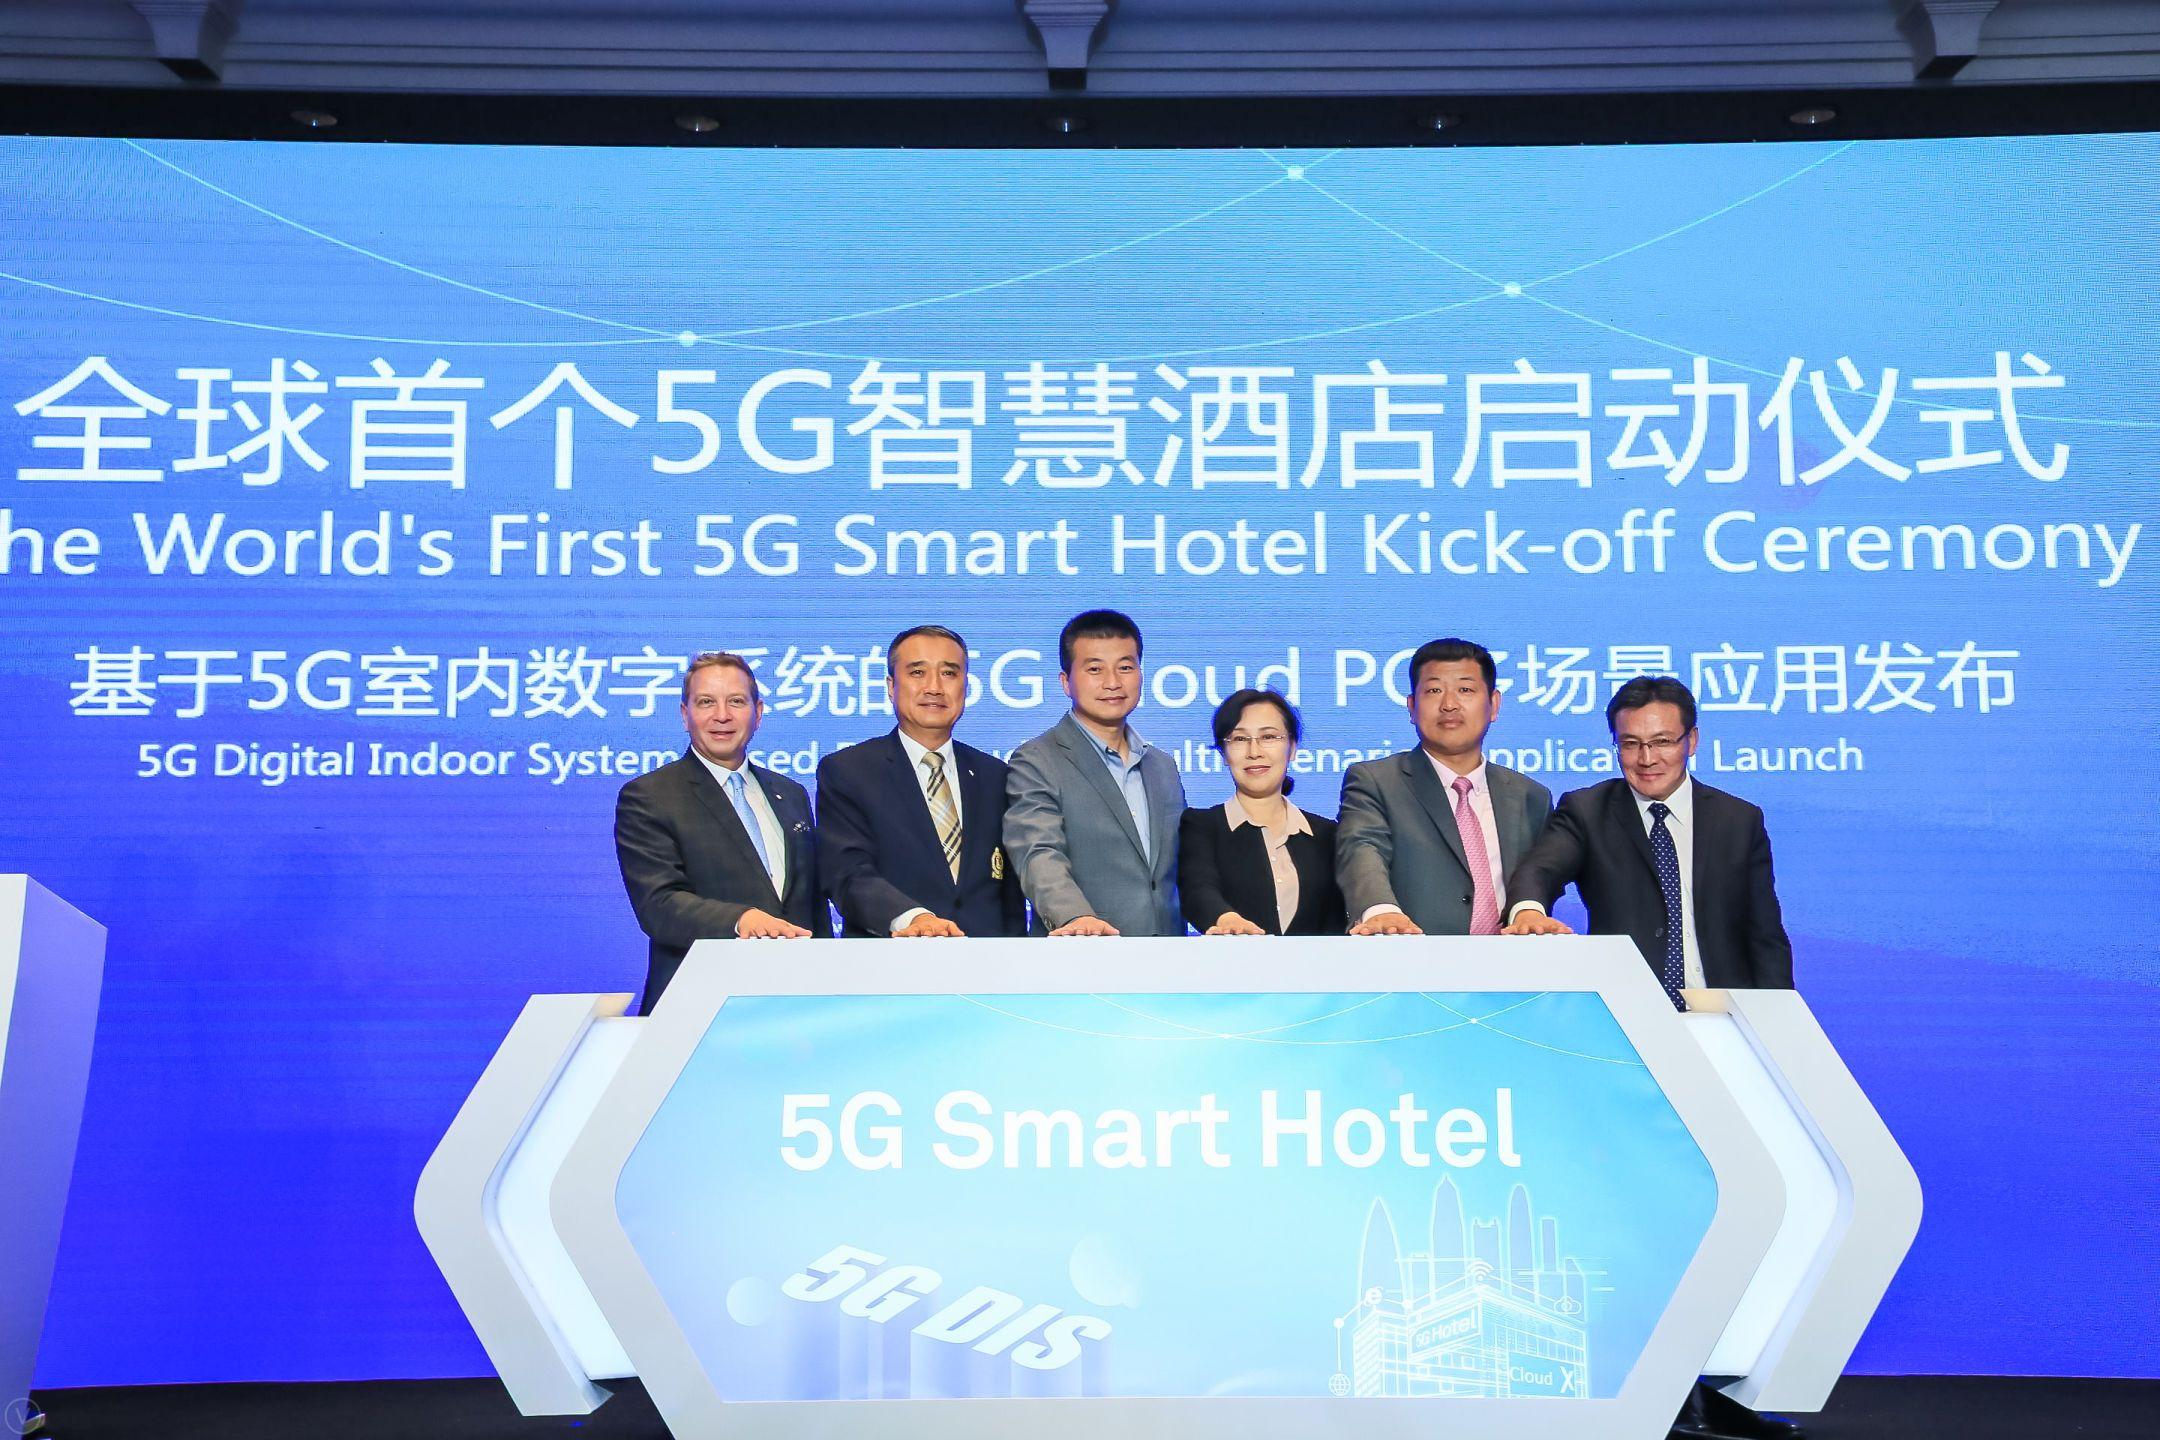 極致創新體驗 全球首個5G智慧酒店建設項目正式啟動